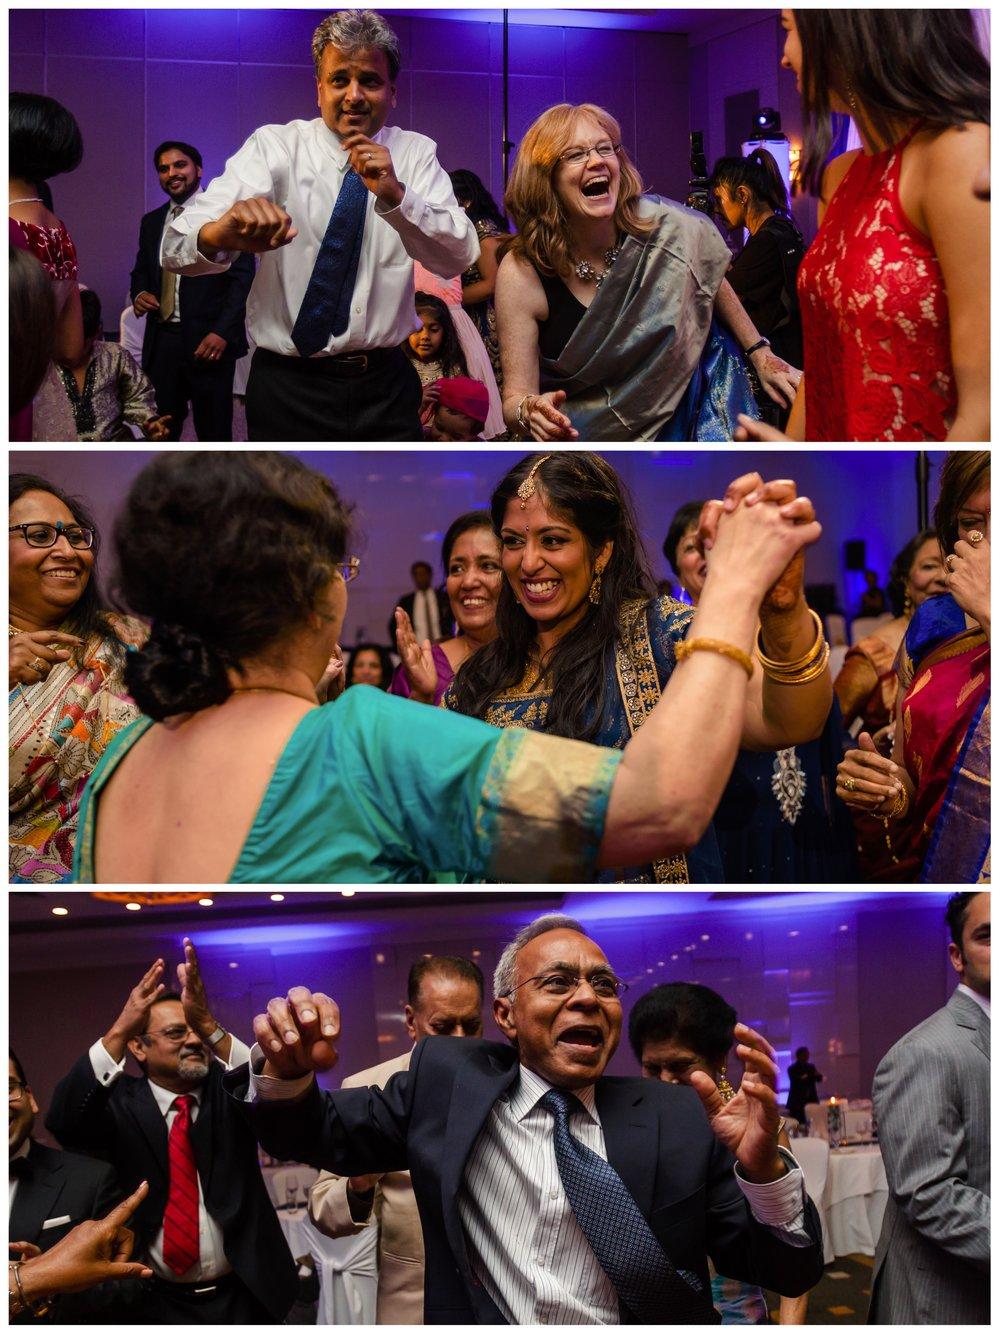 photos of dancing at an Indian wedding reception